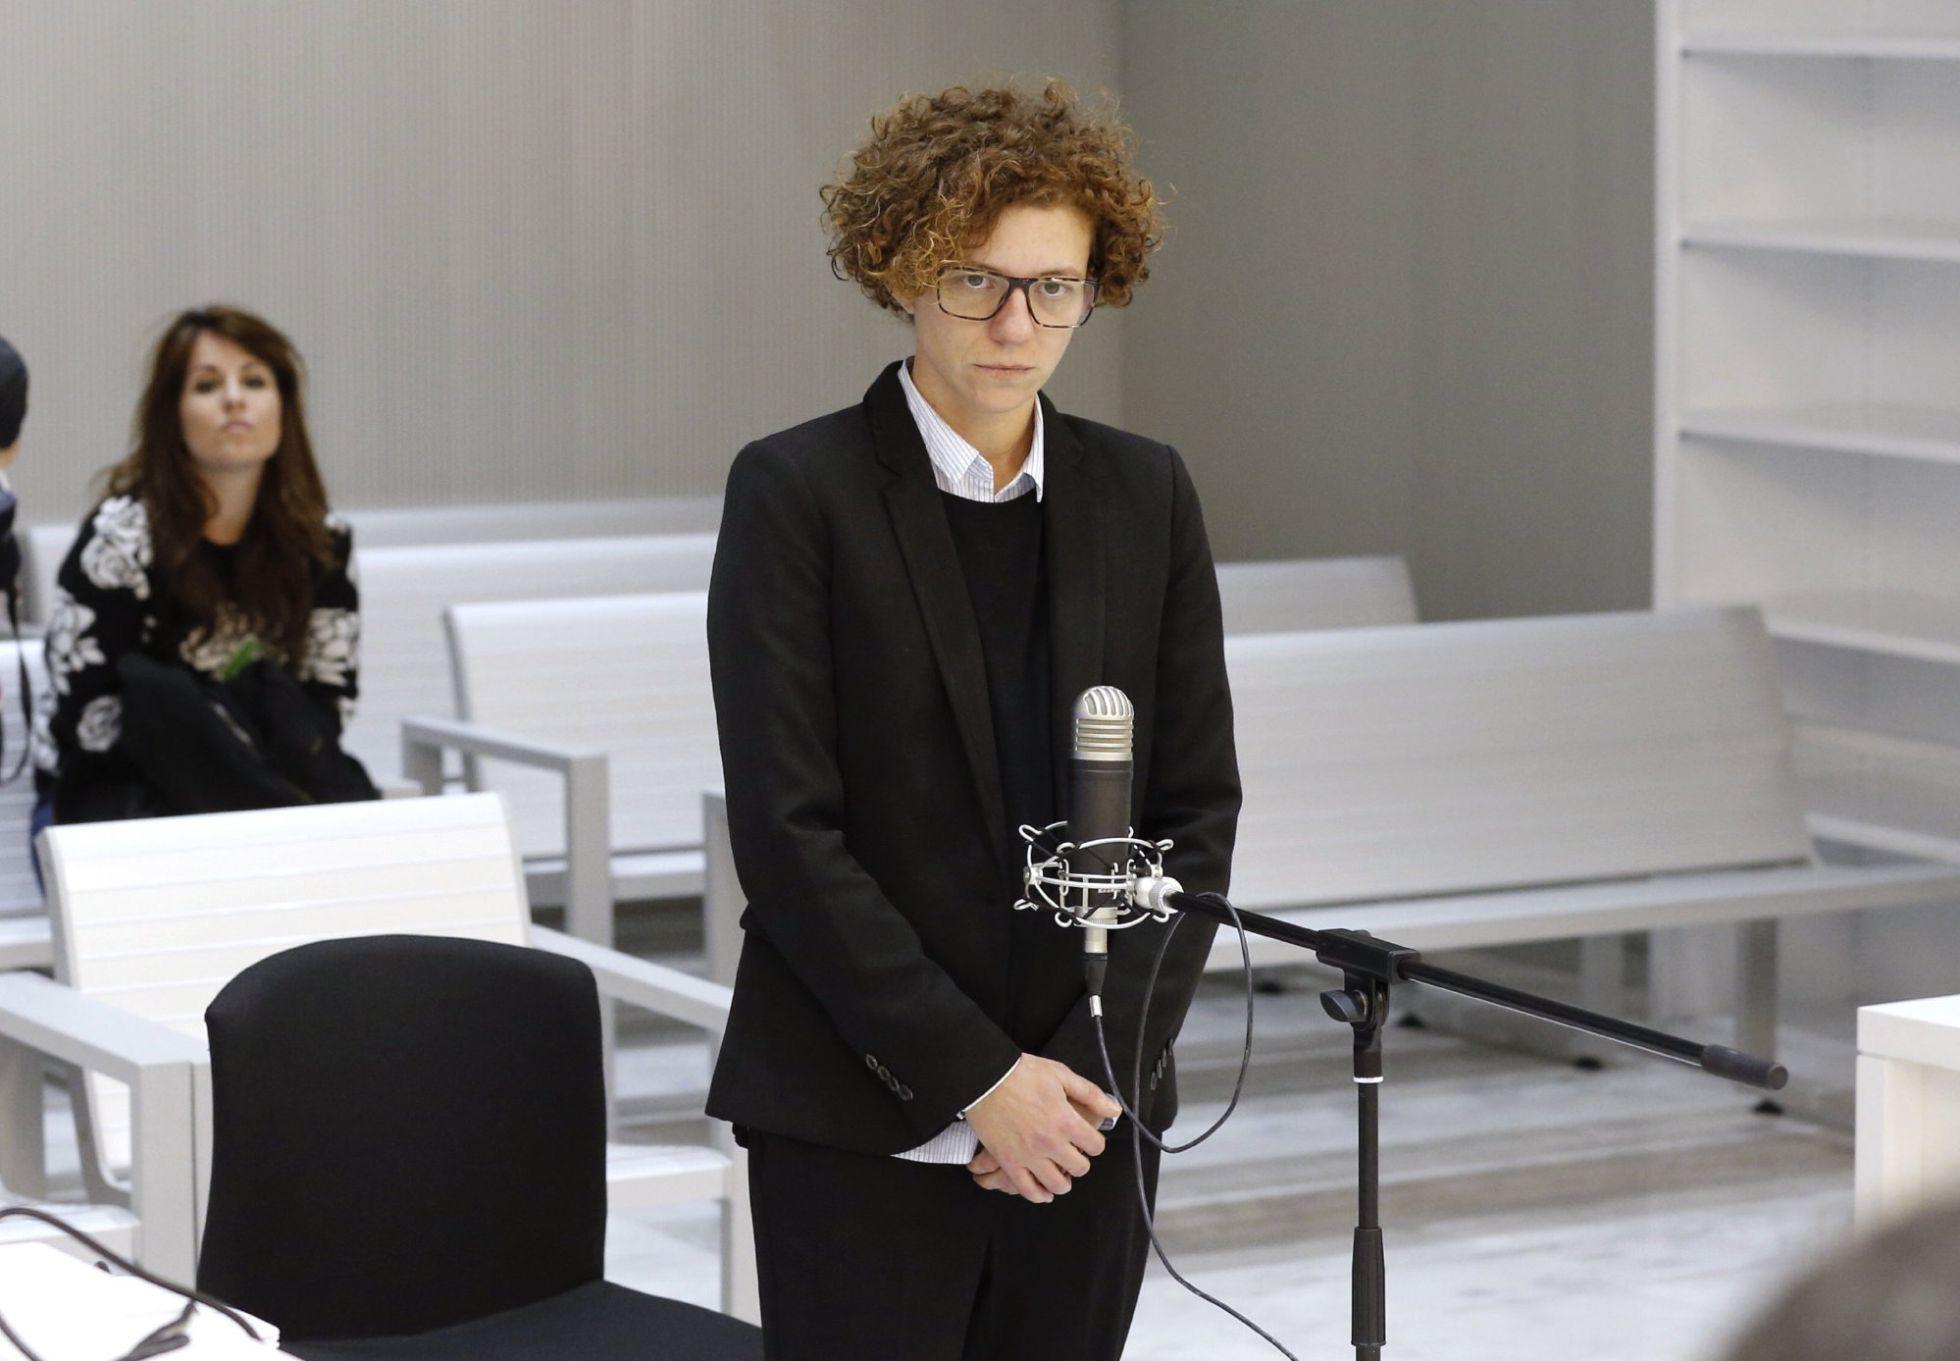 La concejala de Juventud y Protección Animal del Ayuntamiento de Alicante, Marisol Moreno, durante el juicio en la Audiencia Nacional. / Ballesteros EFE